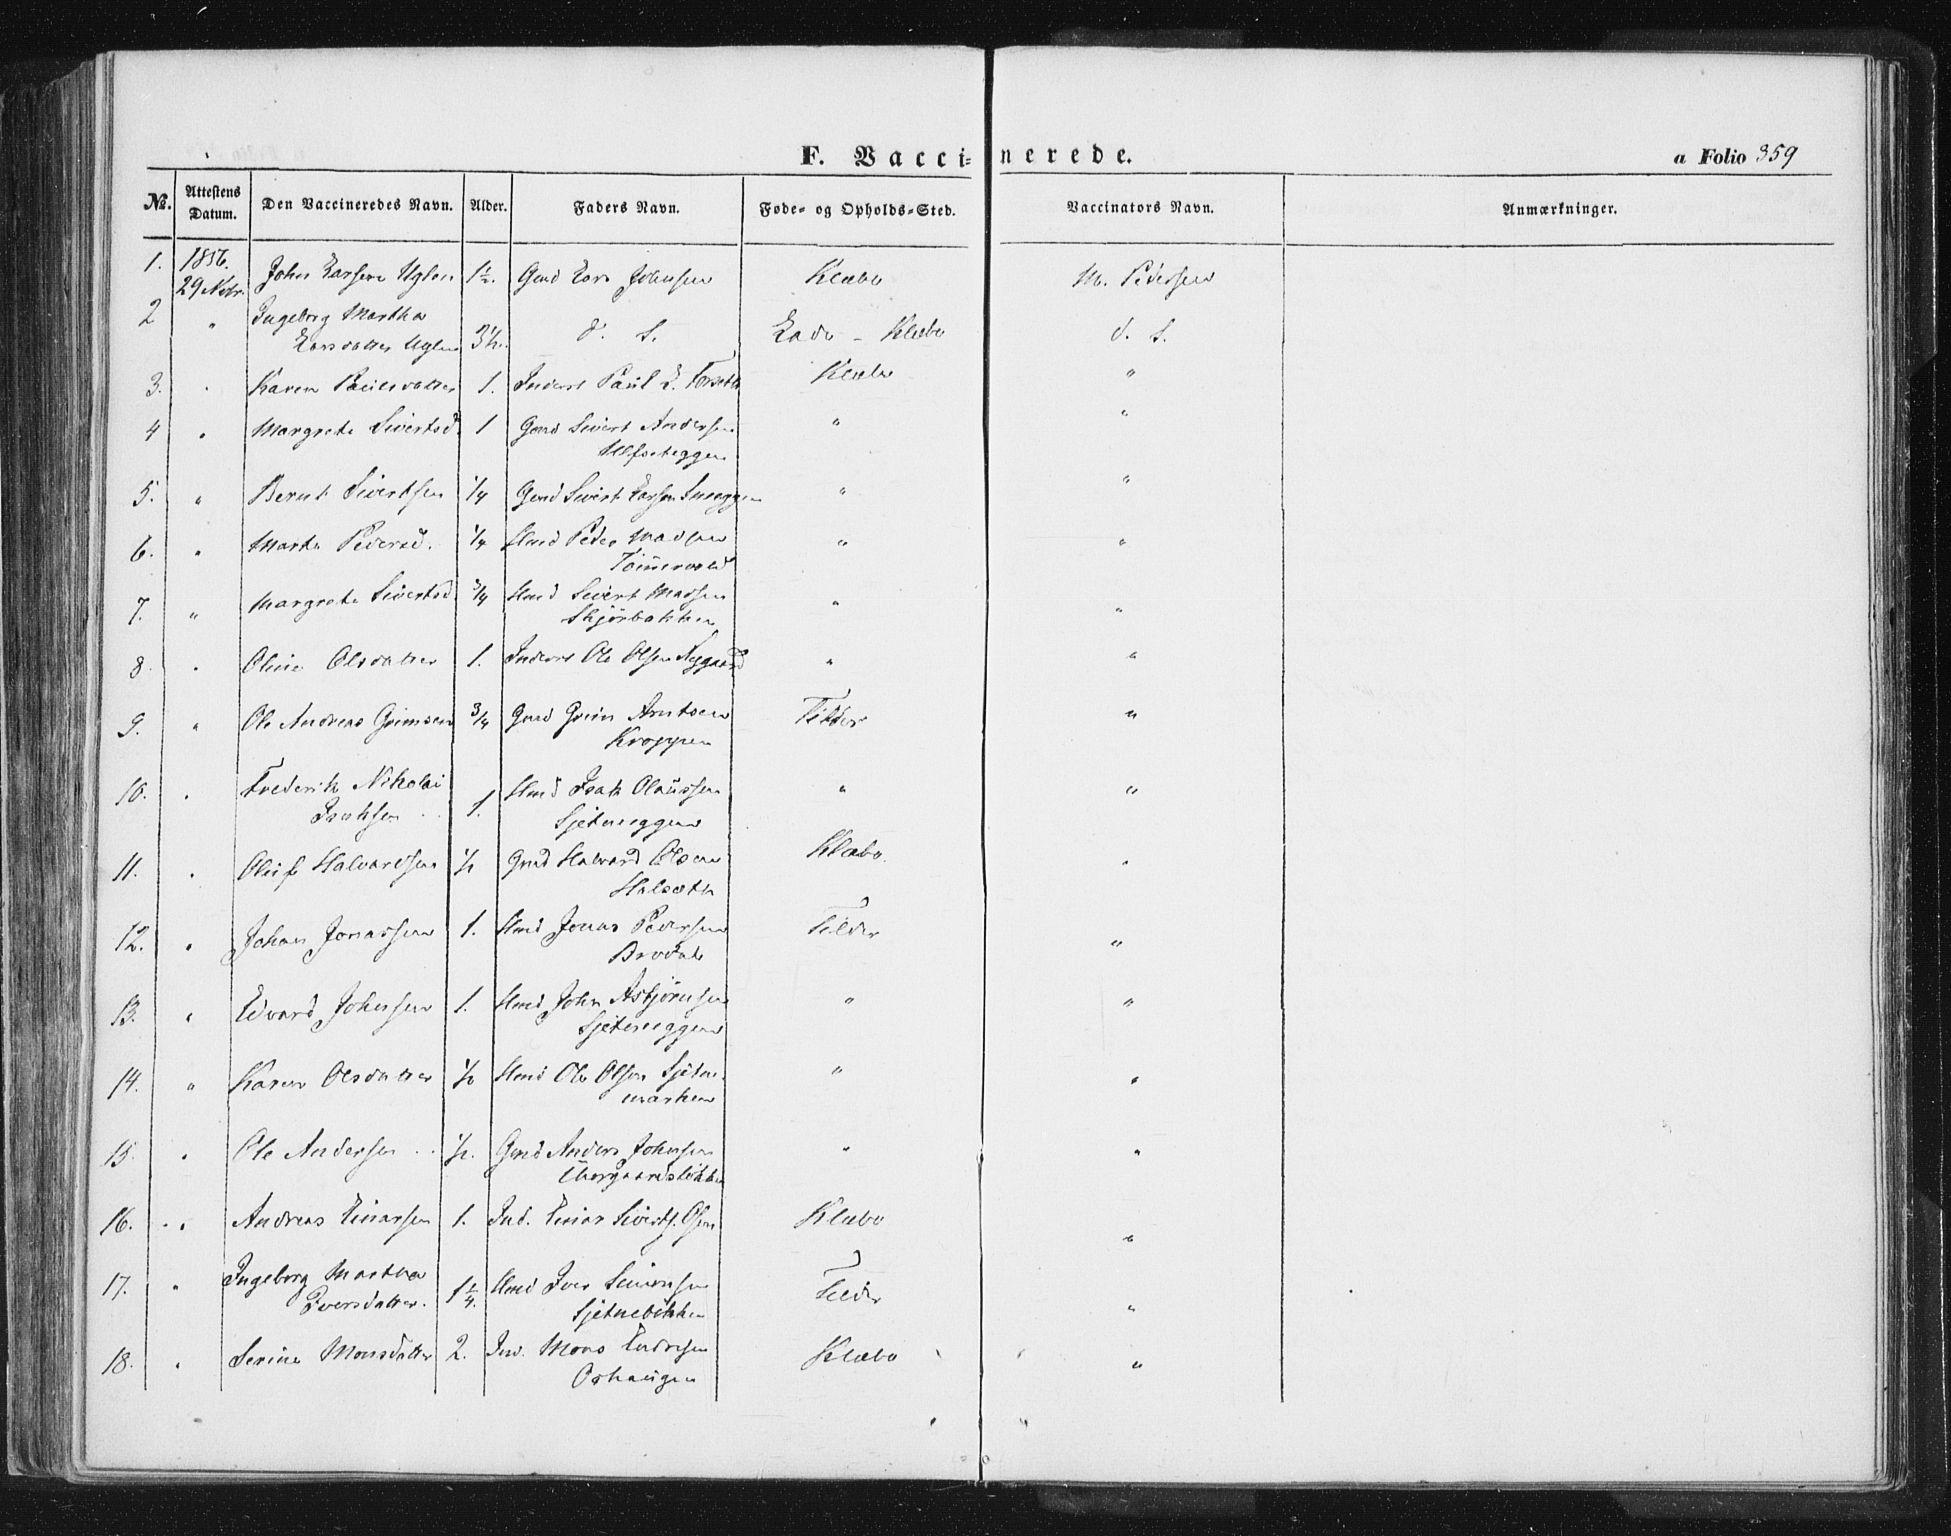 SAT, Ministerialprotokoller, klokkerbøker og fødselsregistre - Sør-Trøndelag, 618/L0441: Ministerialbok nr. 618A05, 1843-1862, s. 359